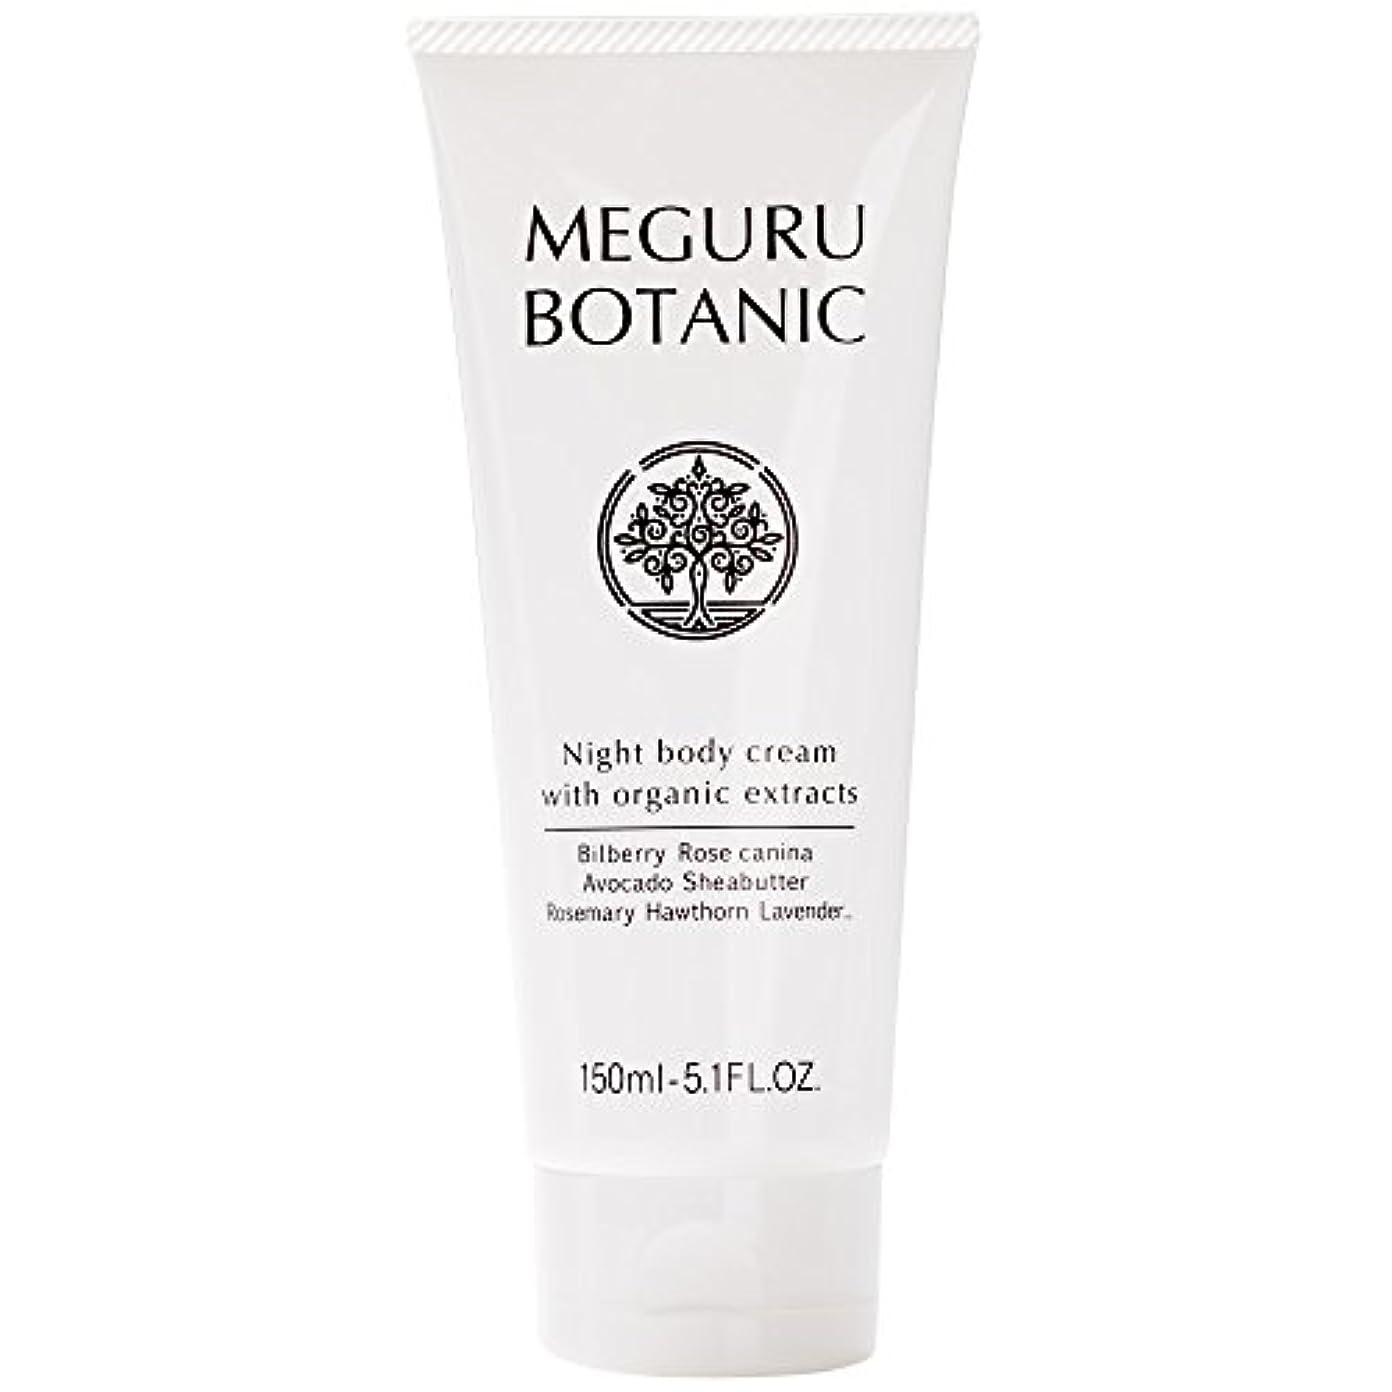 敬意を表する信頼できる軍団MEGURU BOTANIC (メグルボタニック) セルライトクリーム オーガニック原料配合ボディマッサージ 150ml 1本